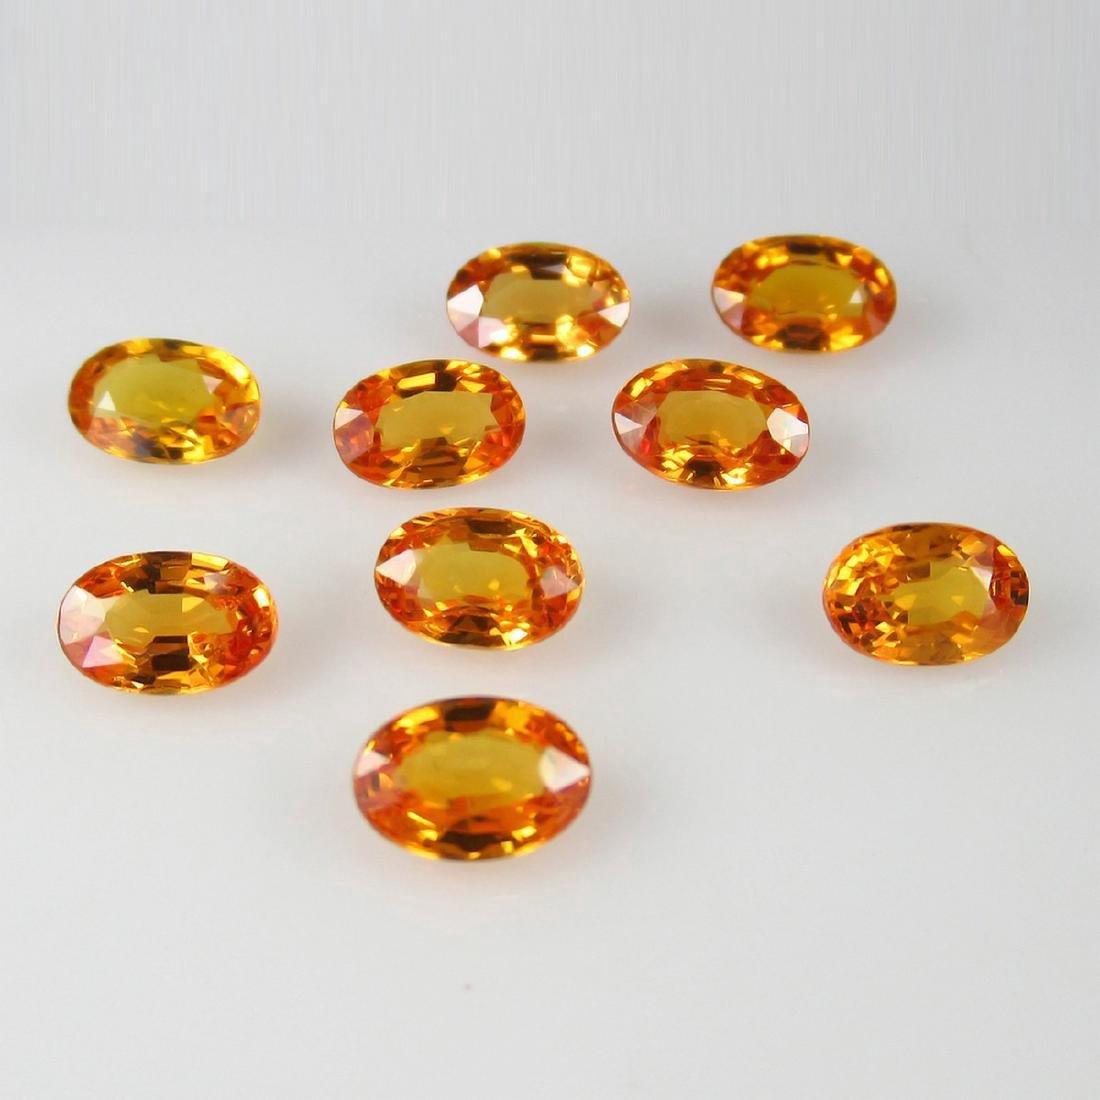 5.13 Carat 7 Loose Orange Sapphire Necklace Set - 3